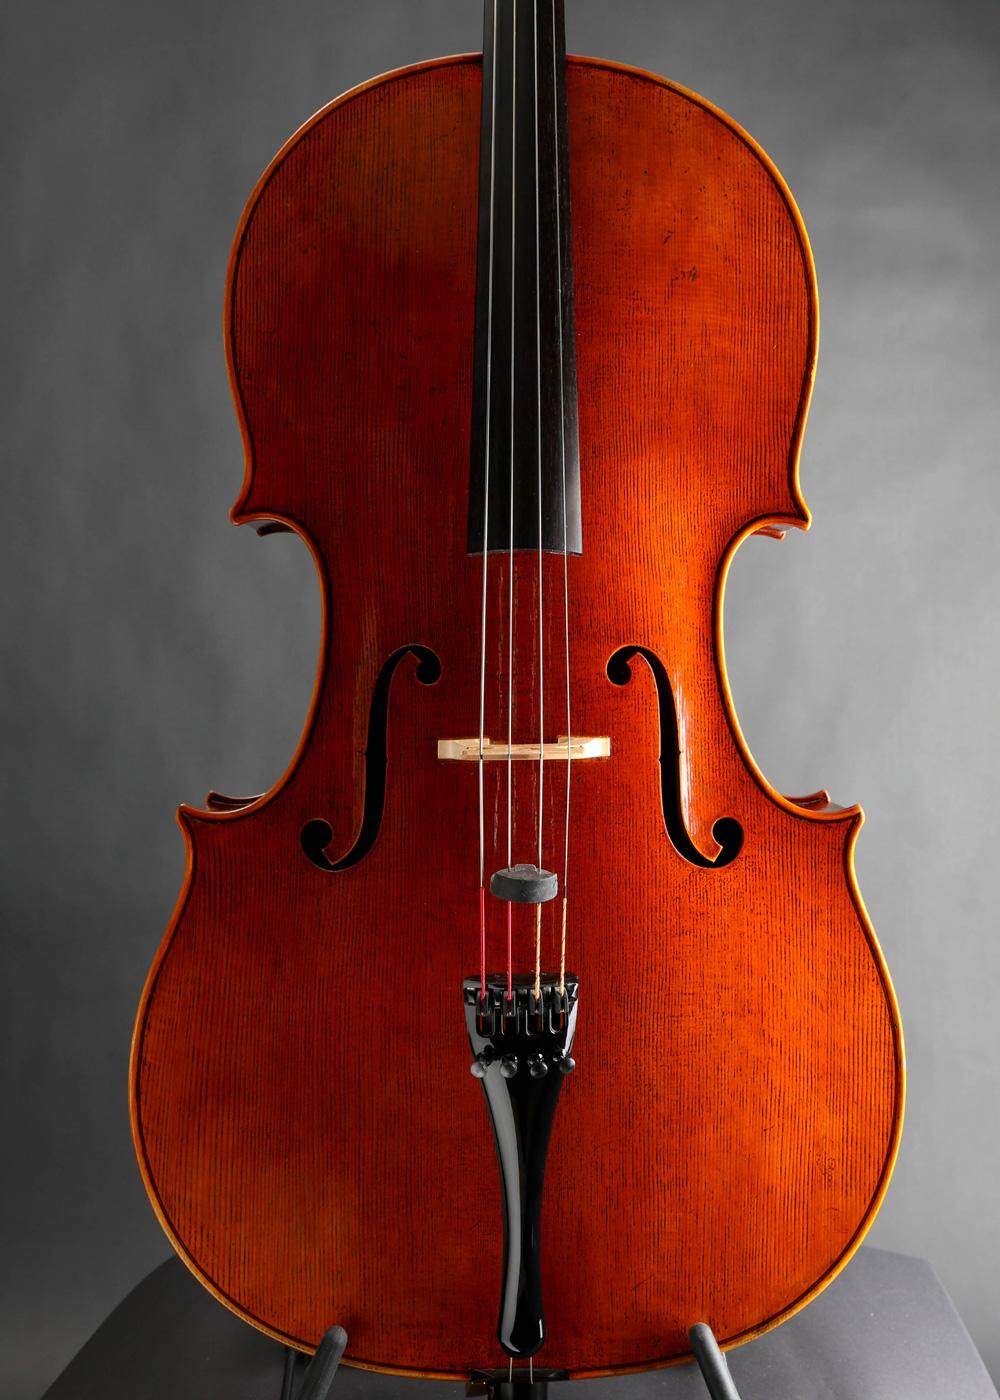 Geigenbau Augsburg Cello, Geige, Violine